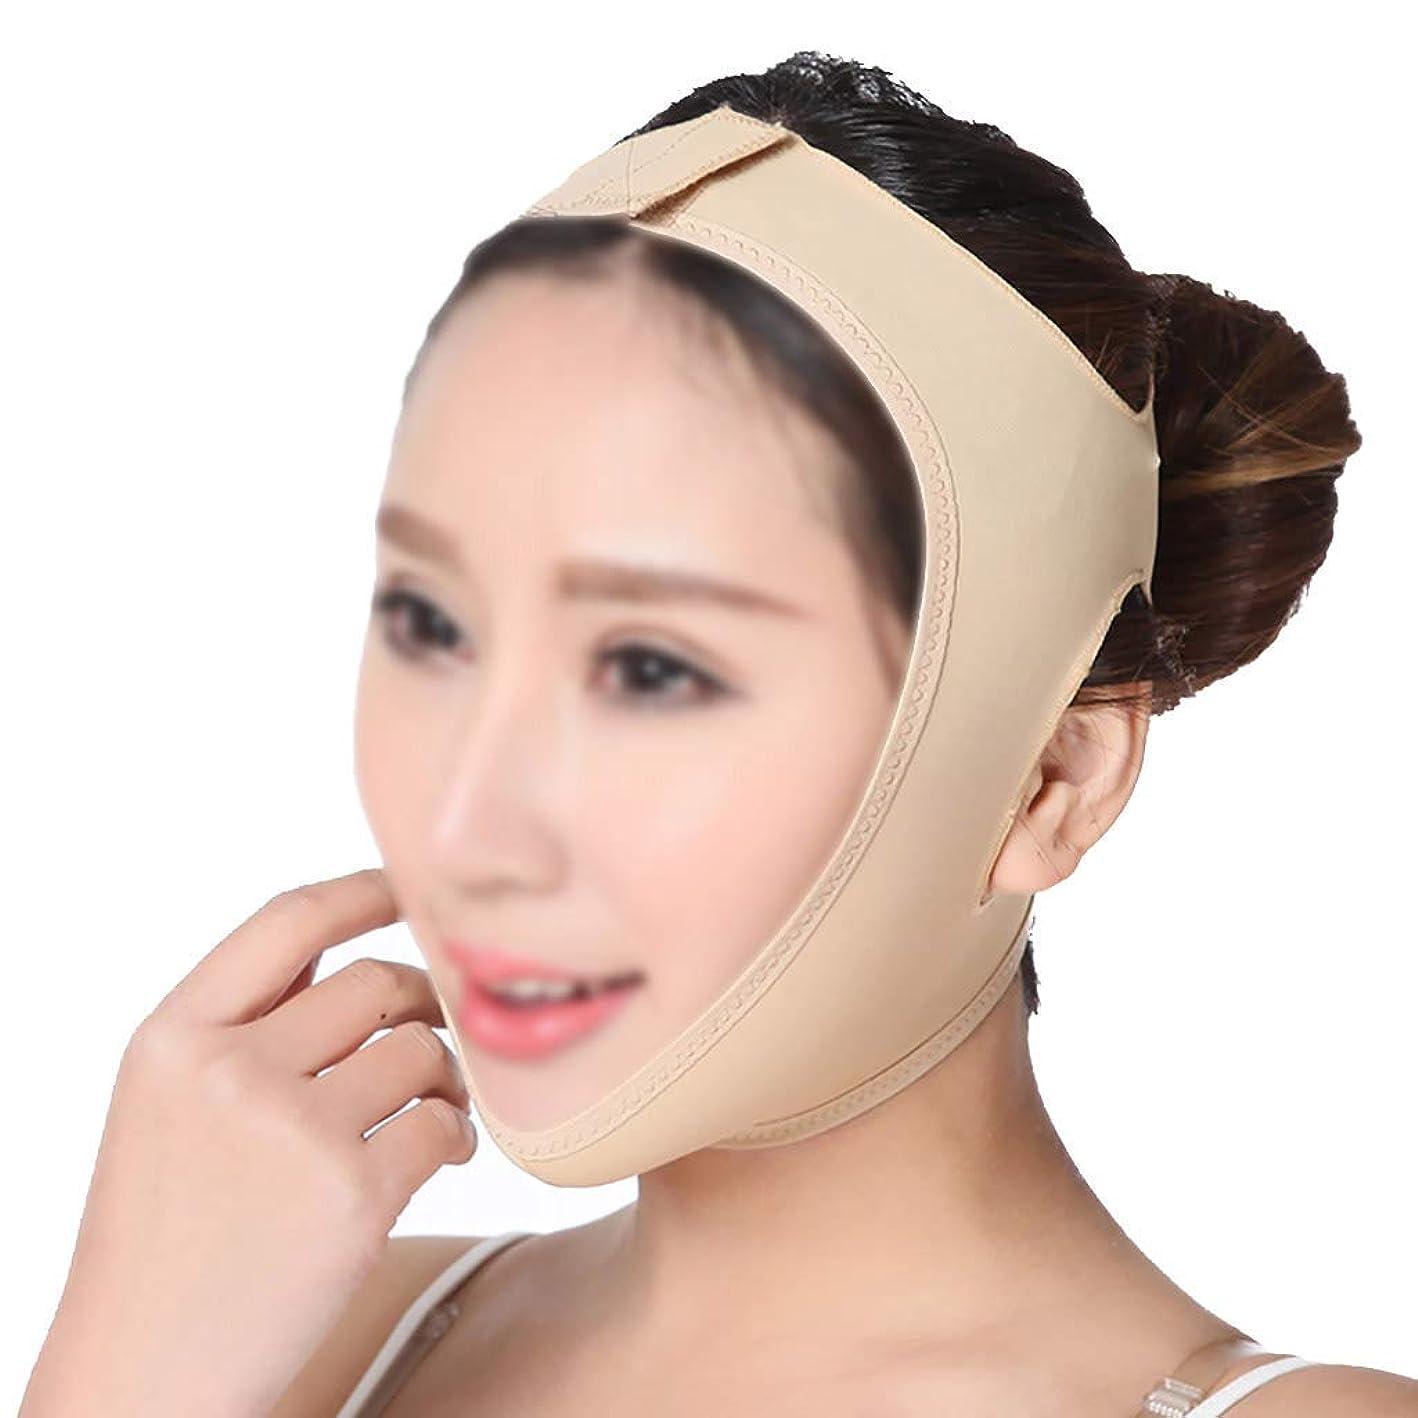 定期的に気づく金額包帯Vフェイス楽器フェイスマスクアーチファクトフェイスリフト引き締めエッセンス通気性肌の色送信マッサージホイール(サイズ:XL)